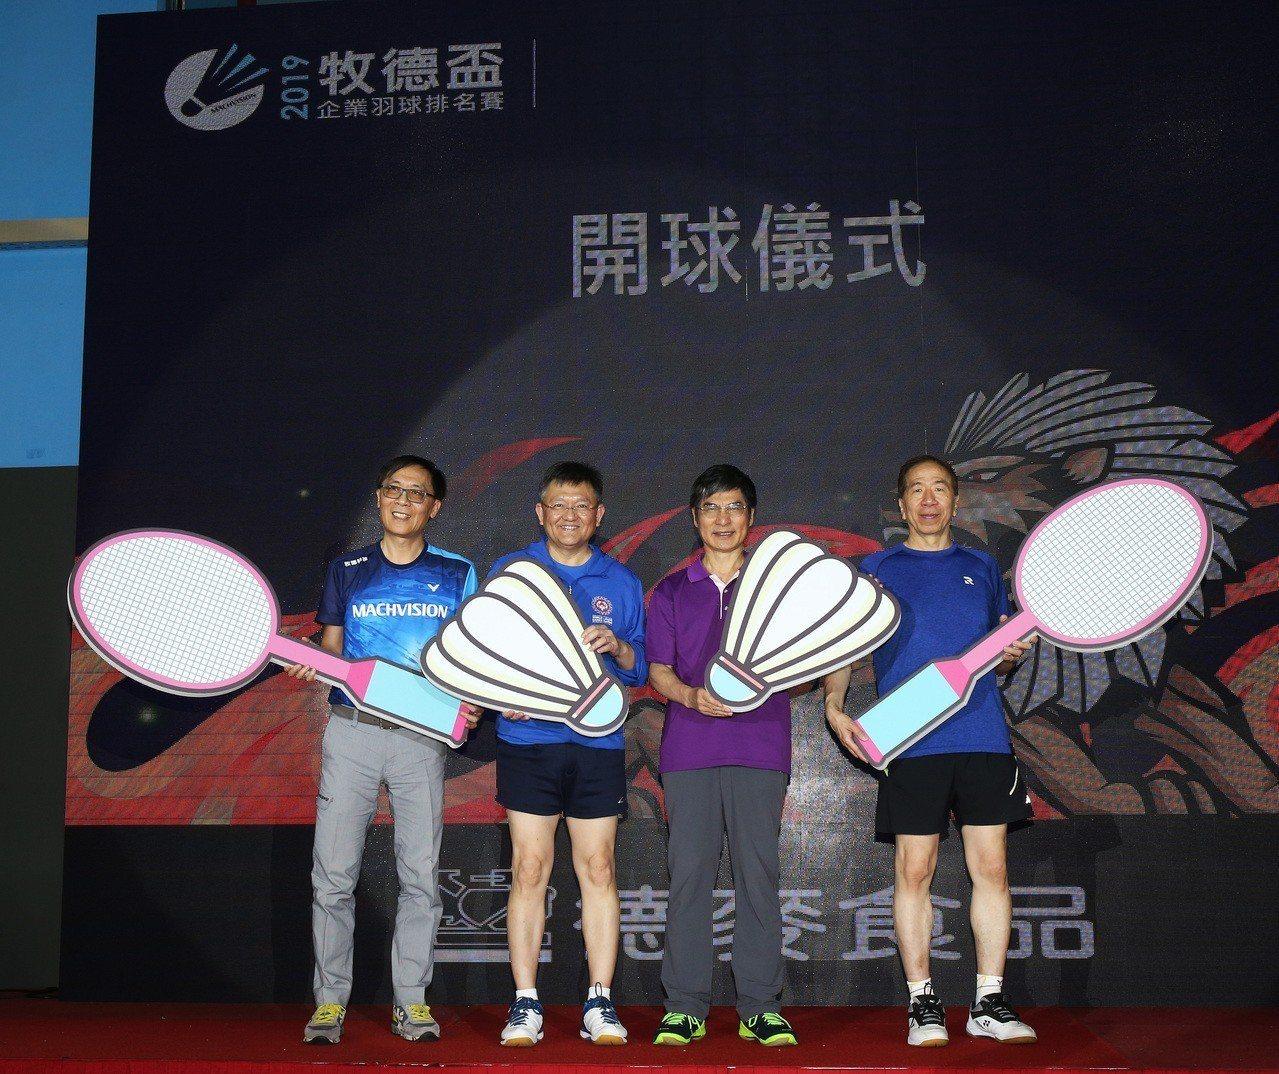 第四屆牧德盃企業羽球排名賽在台北體育館點燃戰火。圖/牧德盃提供